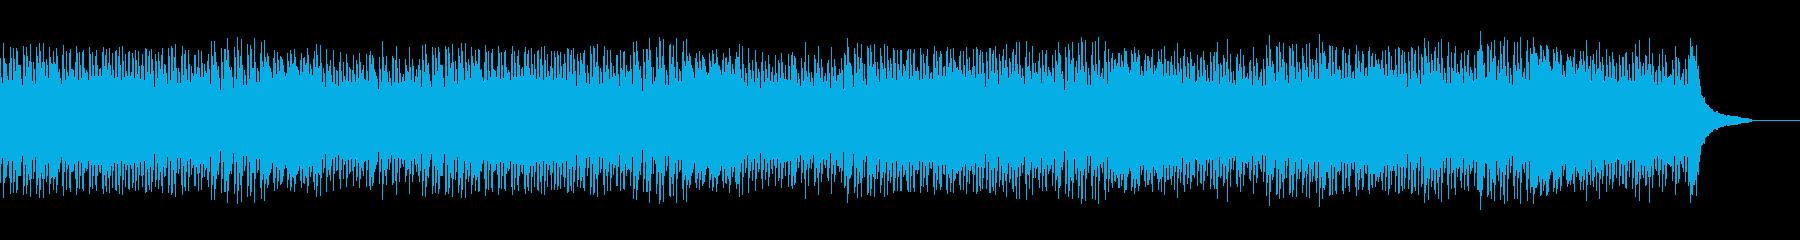 企業VPに!感動的で幸せなピアノソロの再生済みの波形